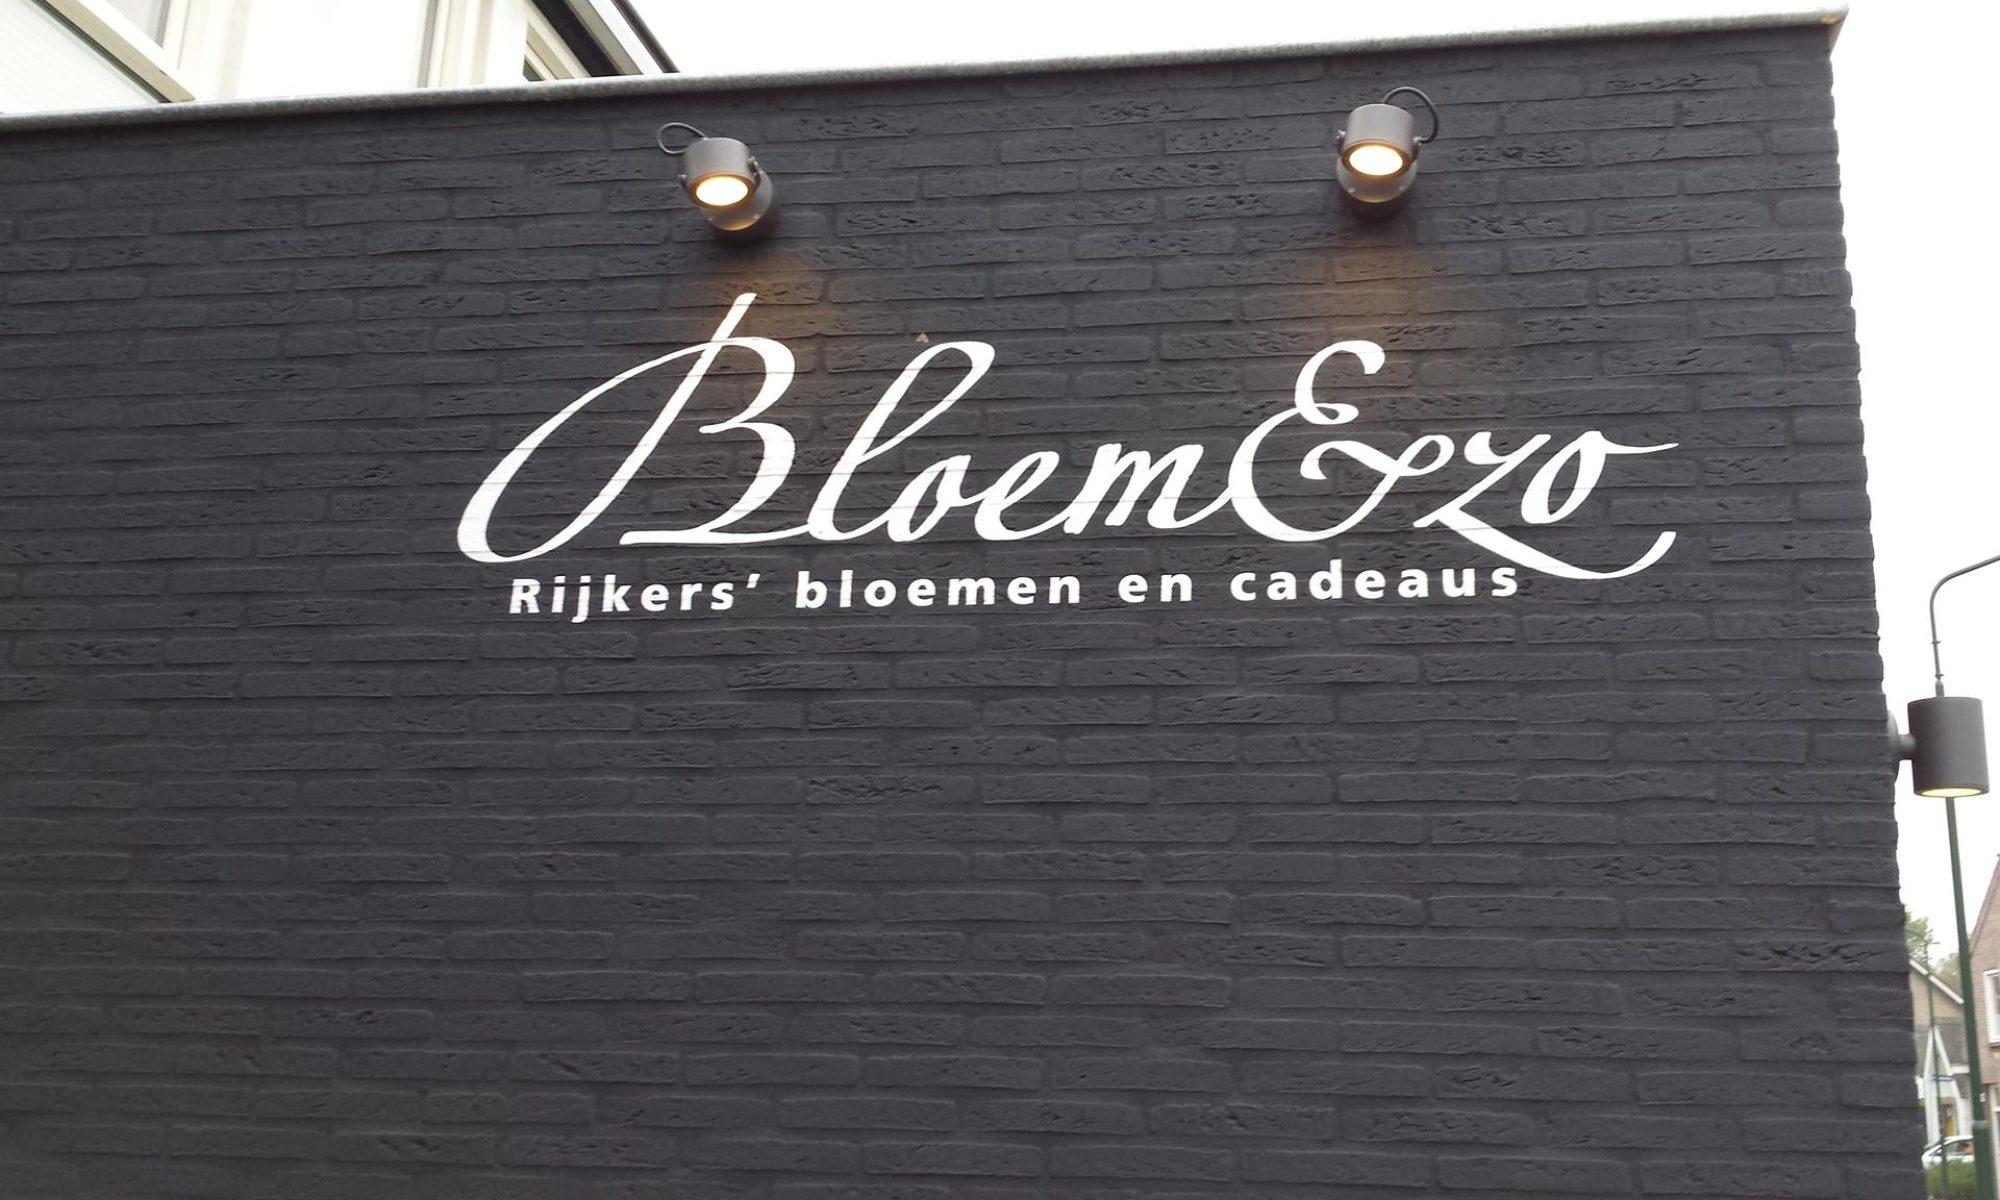 Bloem & Zo Rijkers